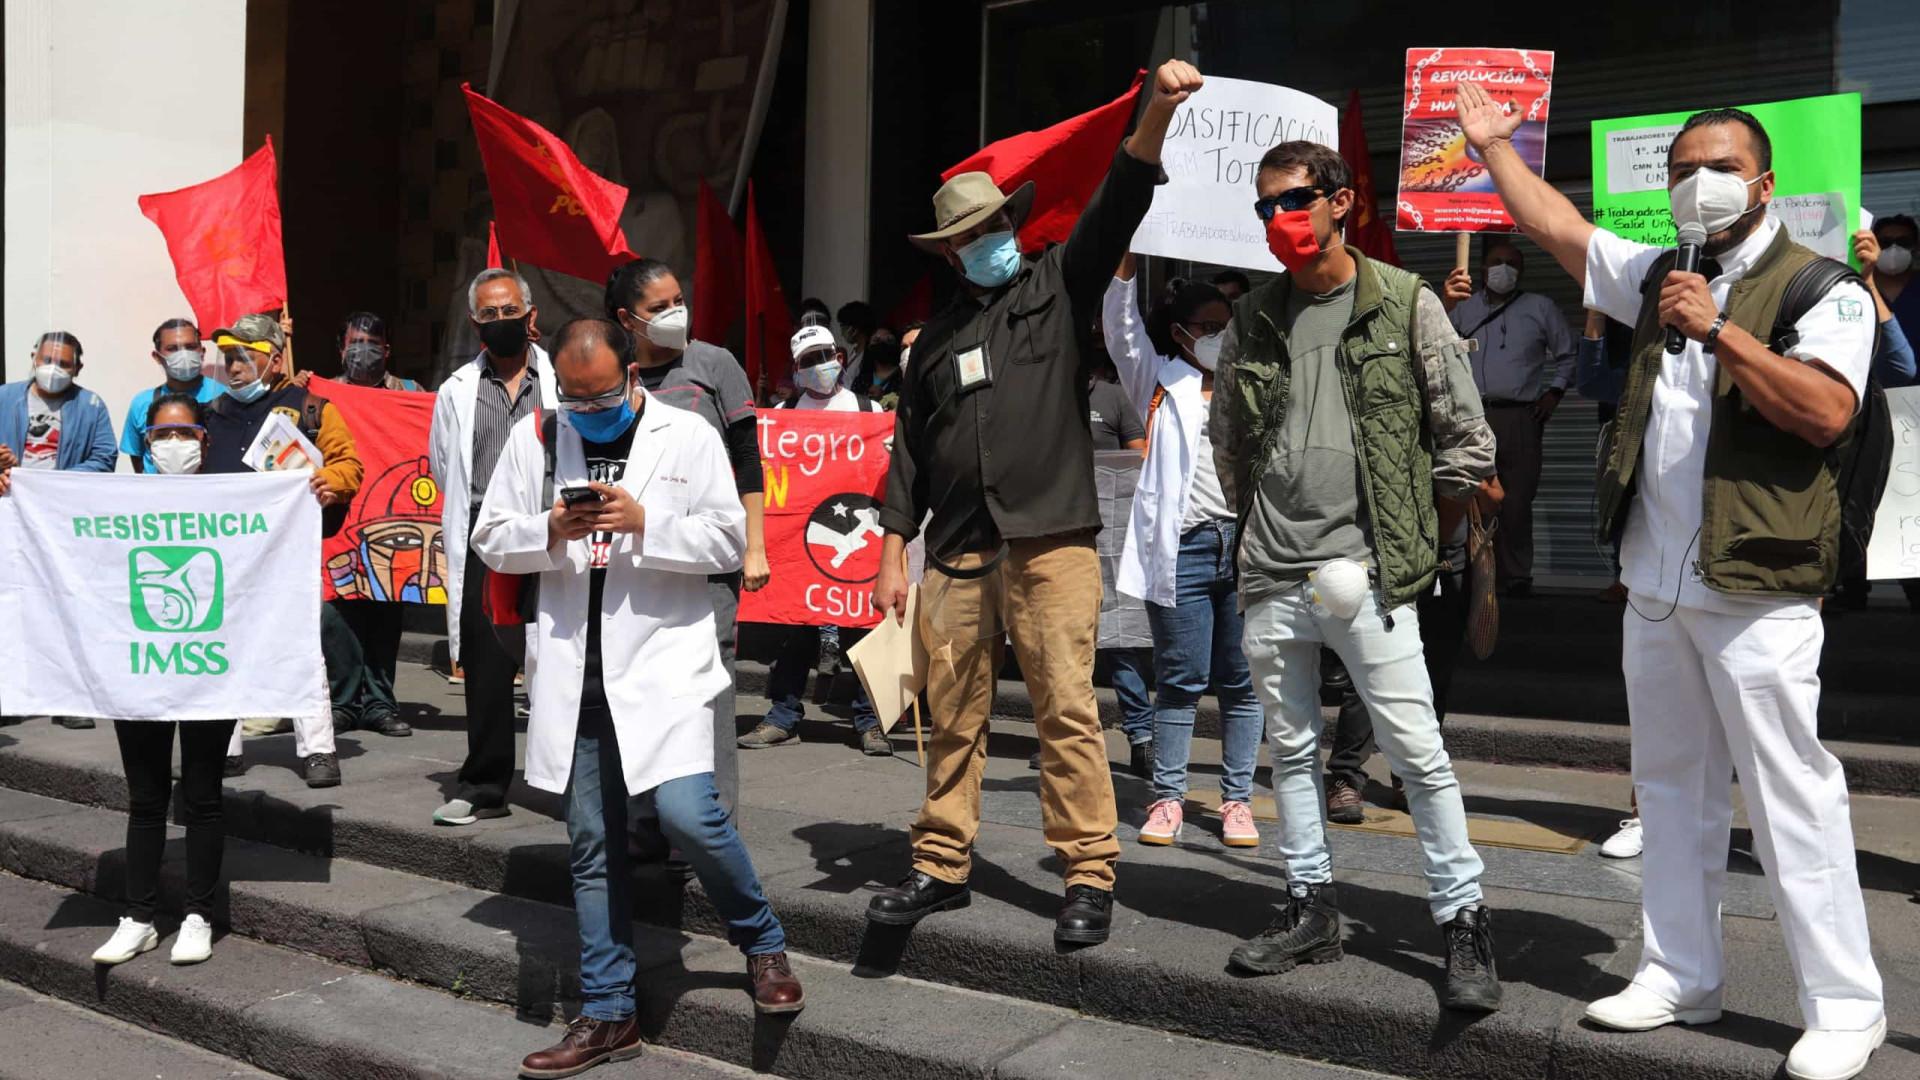 Covid-19: México regista 741 mortos e mais de 5 mil infetados em 24 horas